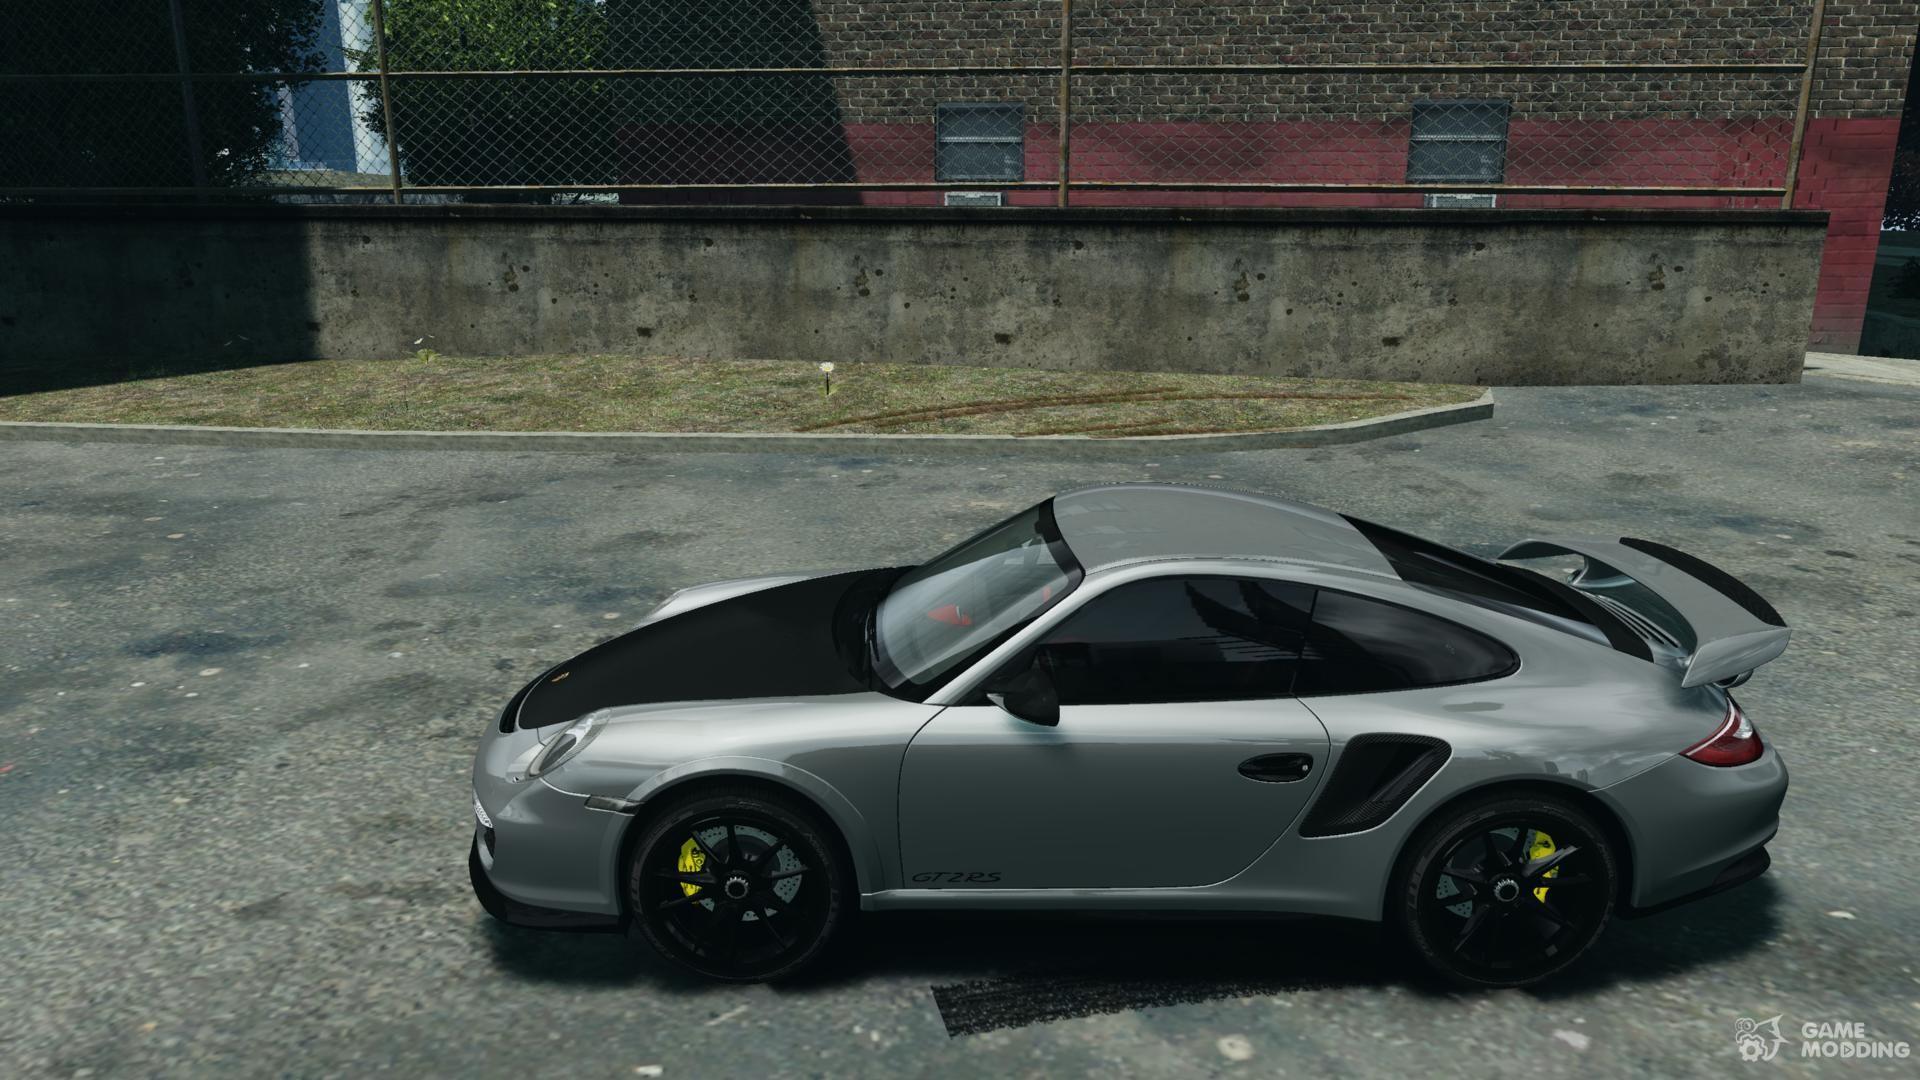 e839372804a94b40f2e923fae55068a8f171ec53085bdb3e39c4dee0d395cc06 Astounding Porsche 911 Gt2 Rs 2012 Cars Trend